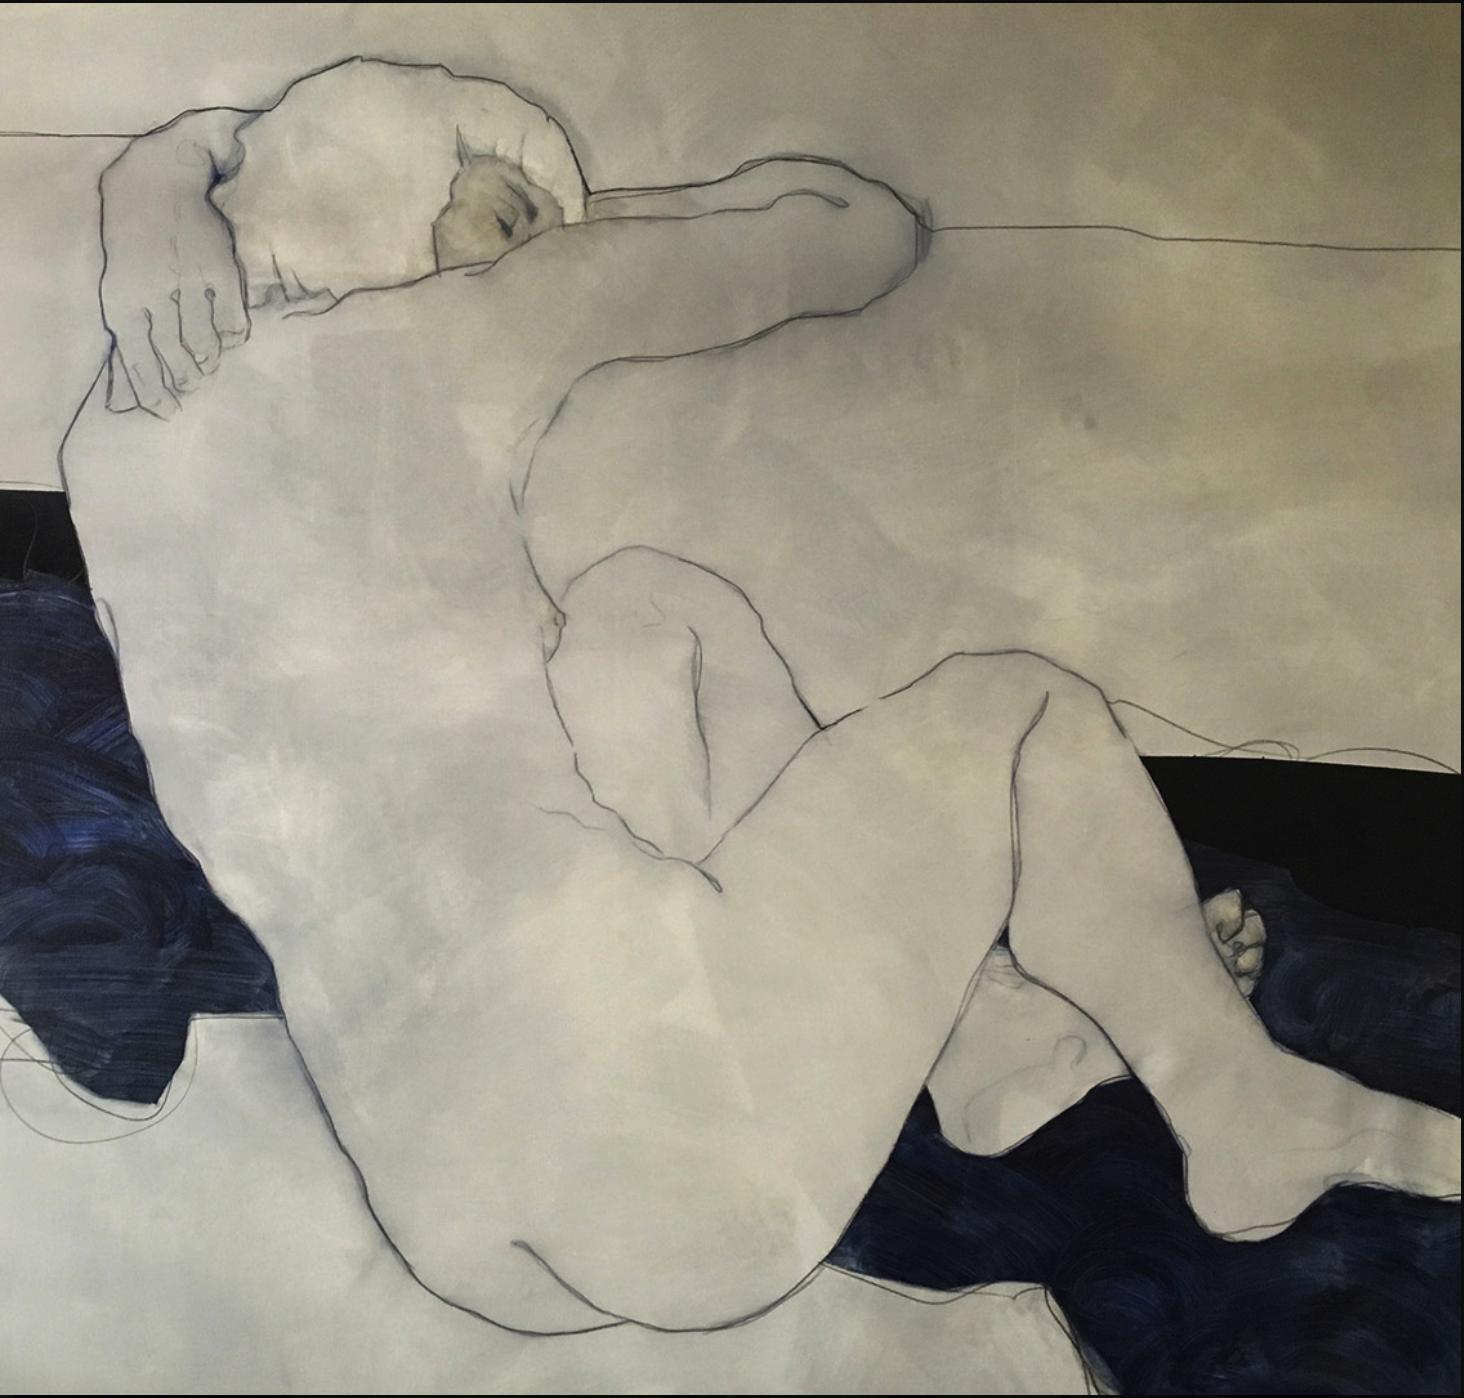 HYPNOS artwork by Nikoleta Sekulovic